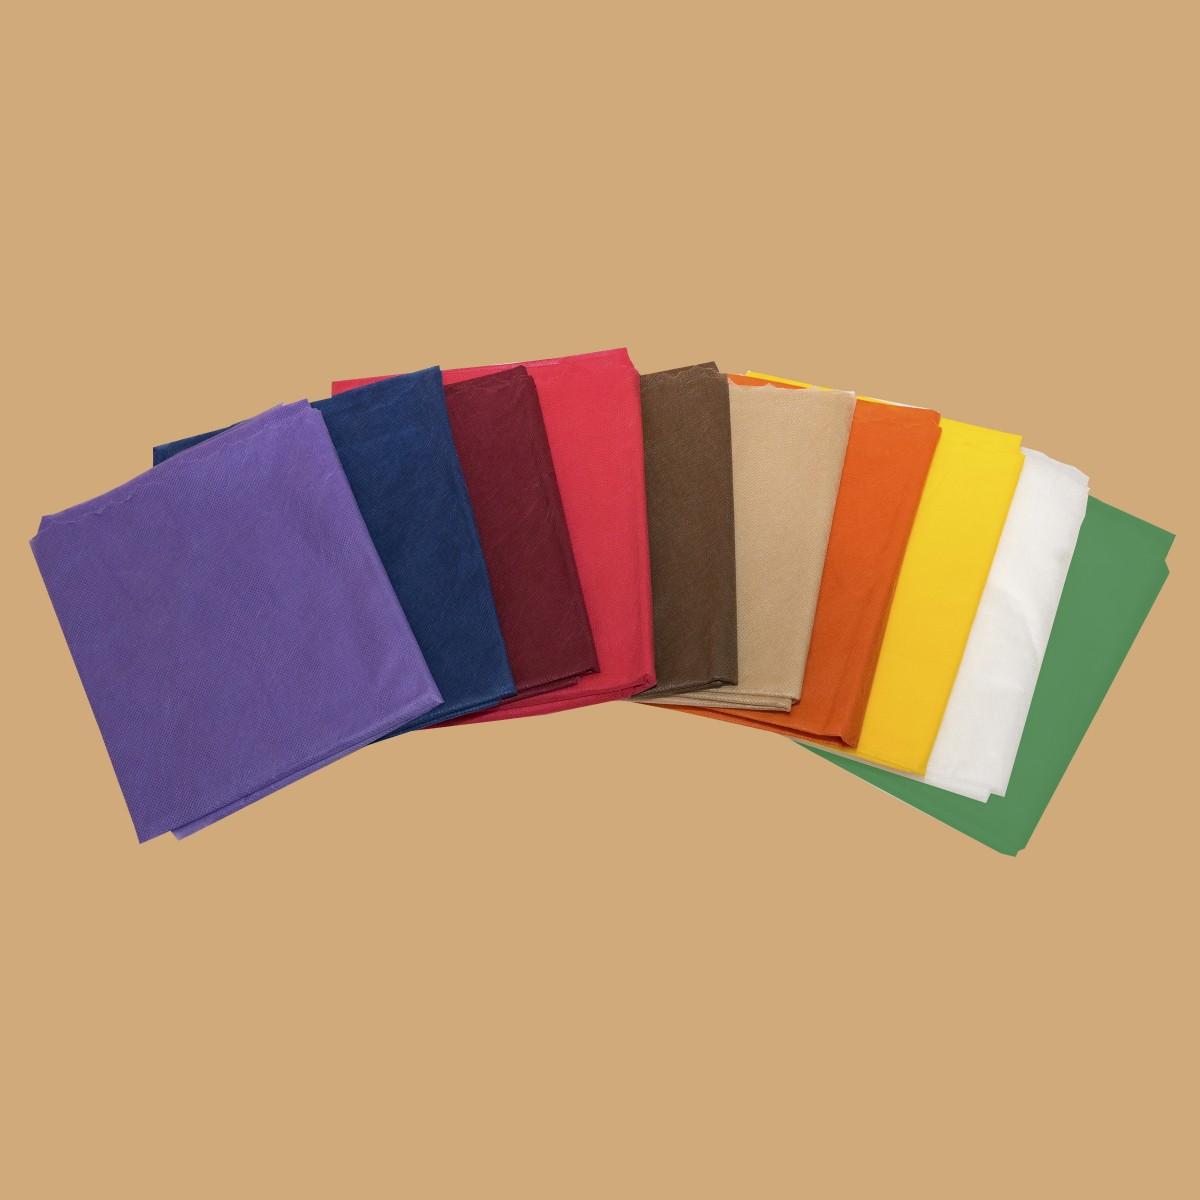 Простыни сложенные поштучно, спанбонд, цвет в ассортименте (10 шт)